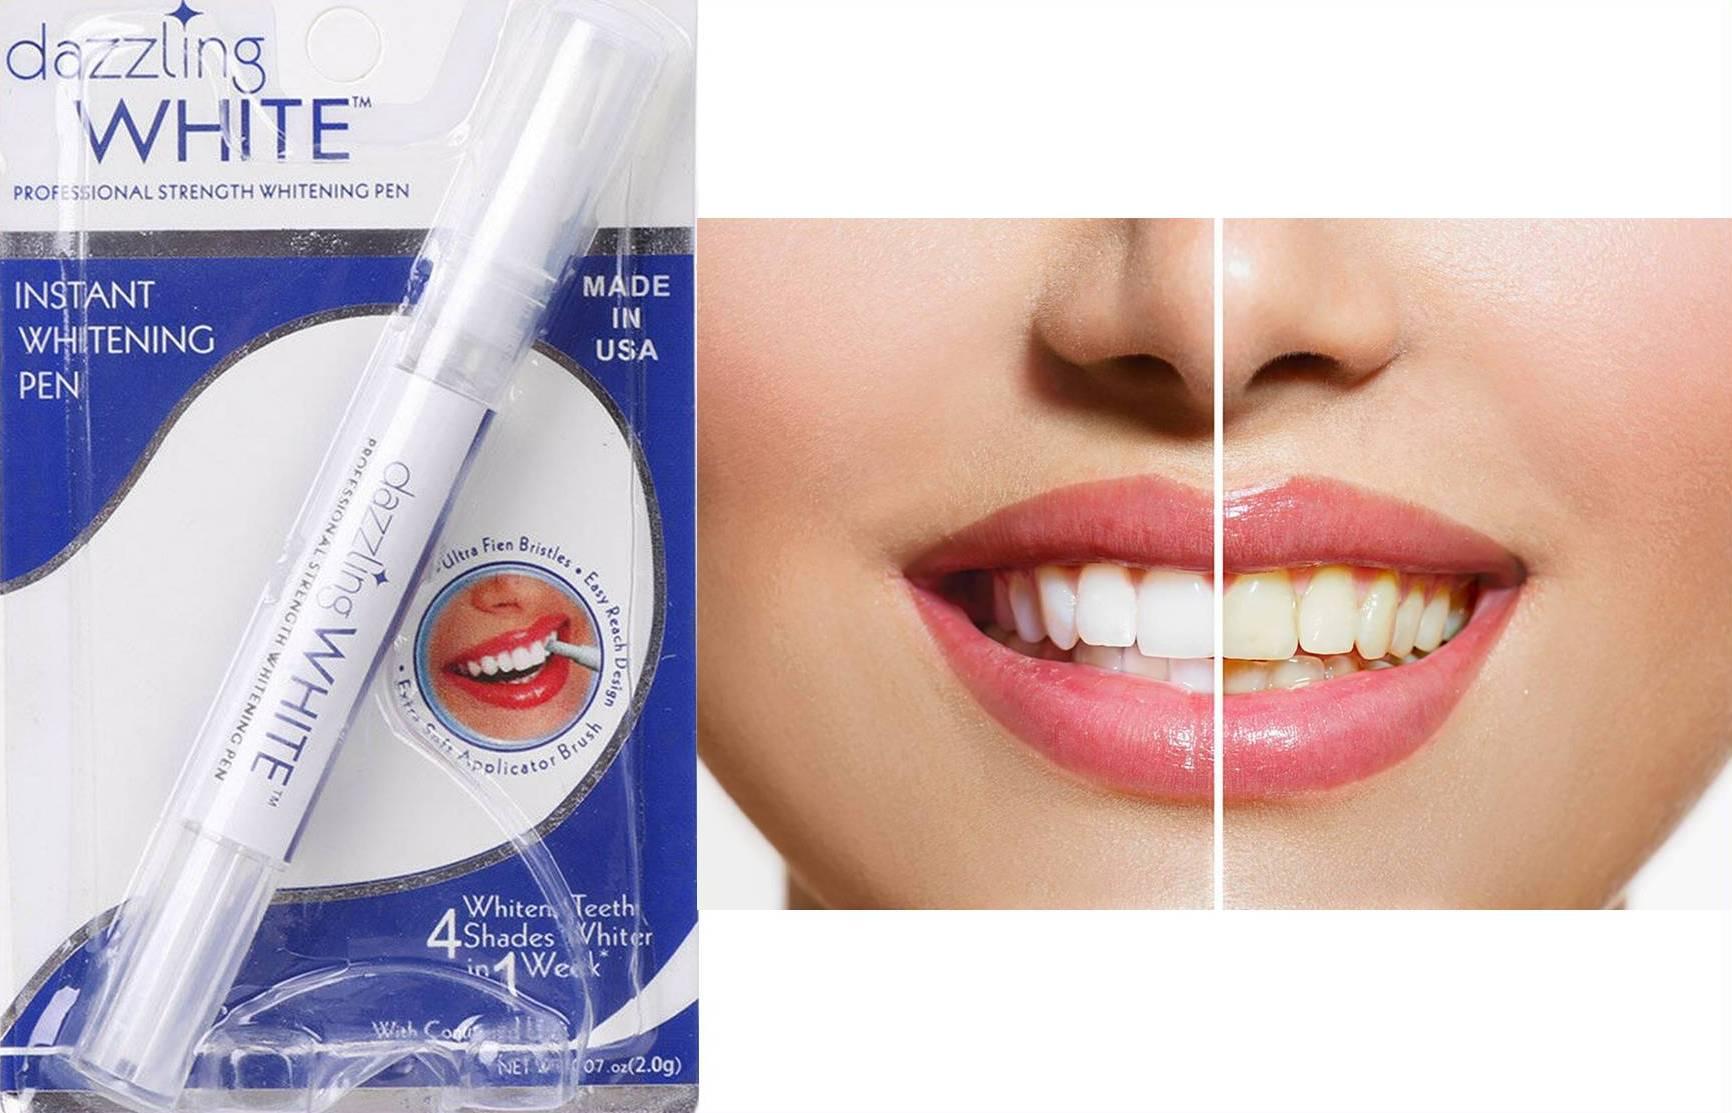 8,9€ από 20€ για το Dazzling White, το αποτελεσματικότερο σύστημα λεύκανσης δοντιών, που προσφέρει από την πρώτη κιόλας χρήση αστραφτερό χαμόγελο με τον πιο απλό και οικονομικό τρόπο!